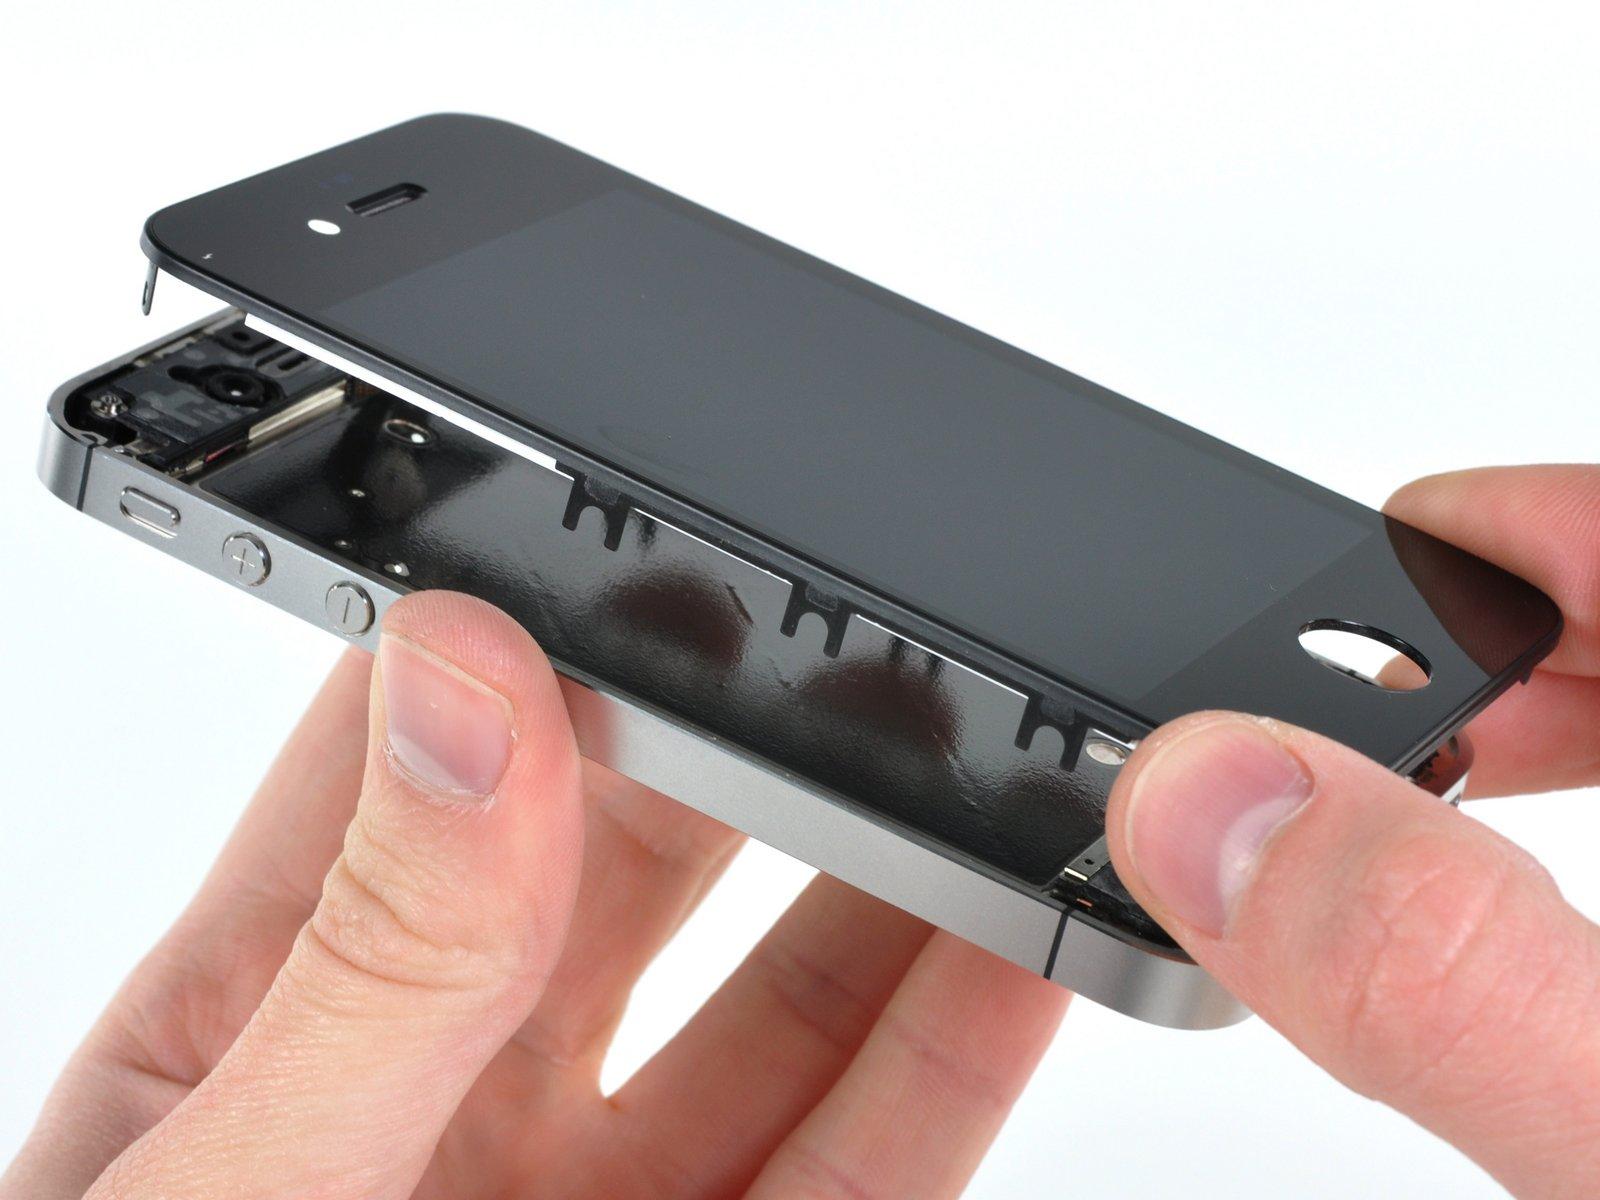 Замена экрана на iphone 4s своими руками видео